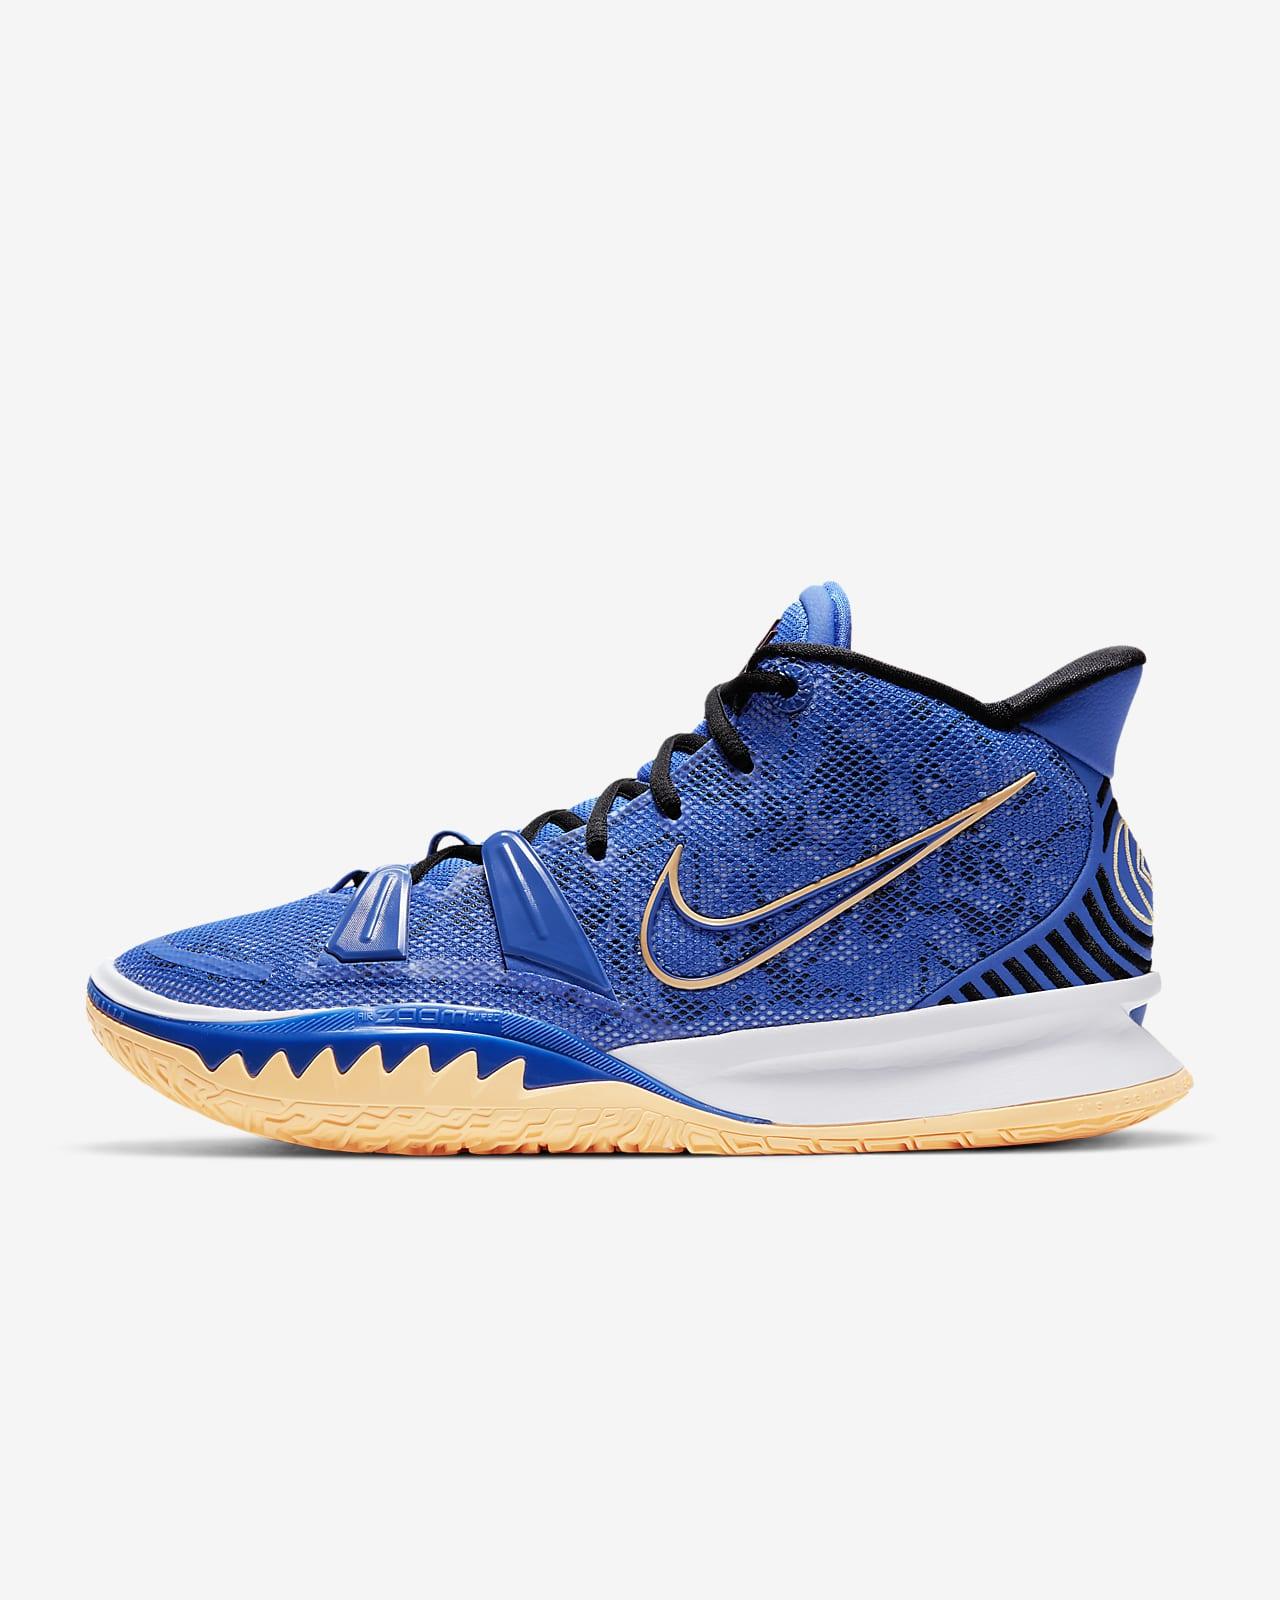 Kyrie 7 'Sisterhood' Basketball Shoe